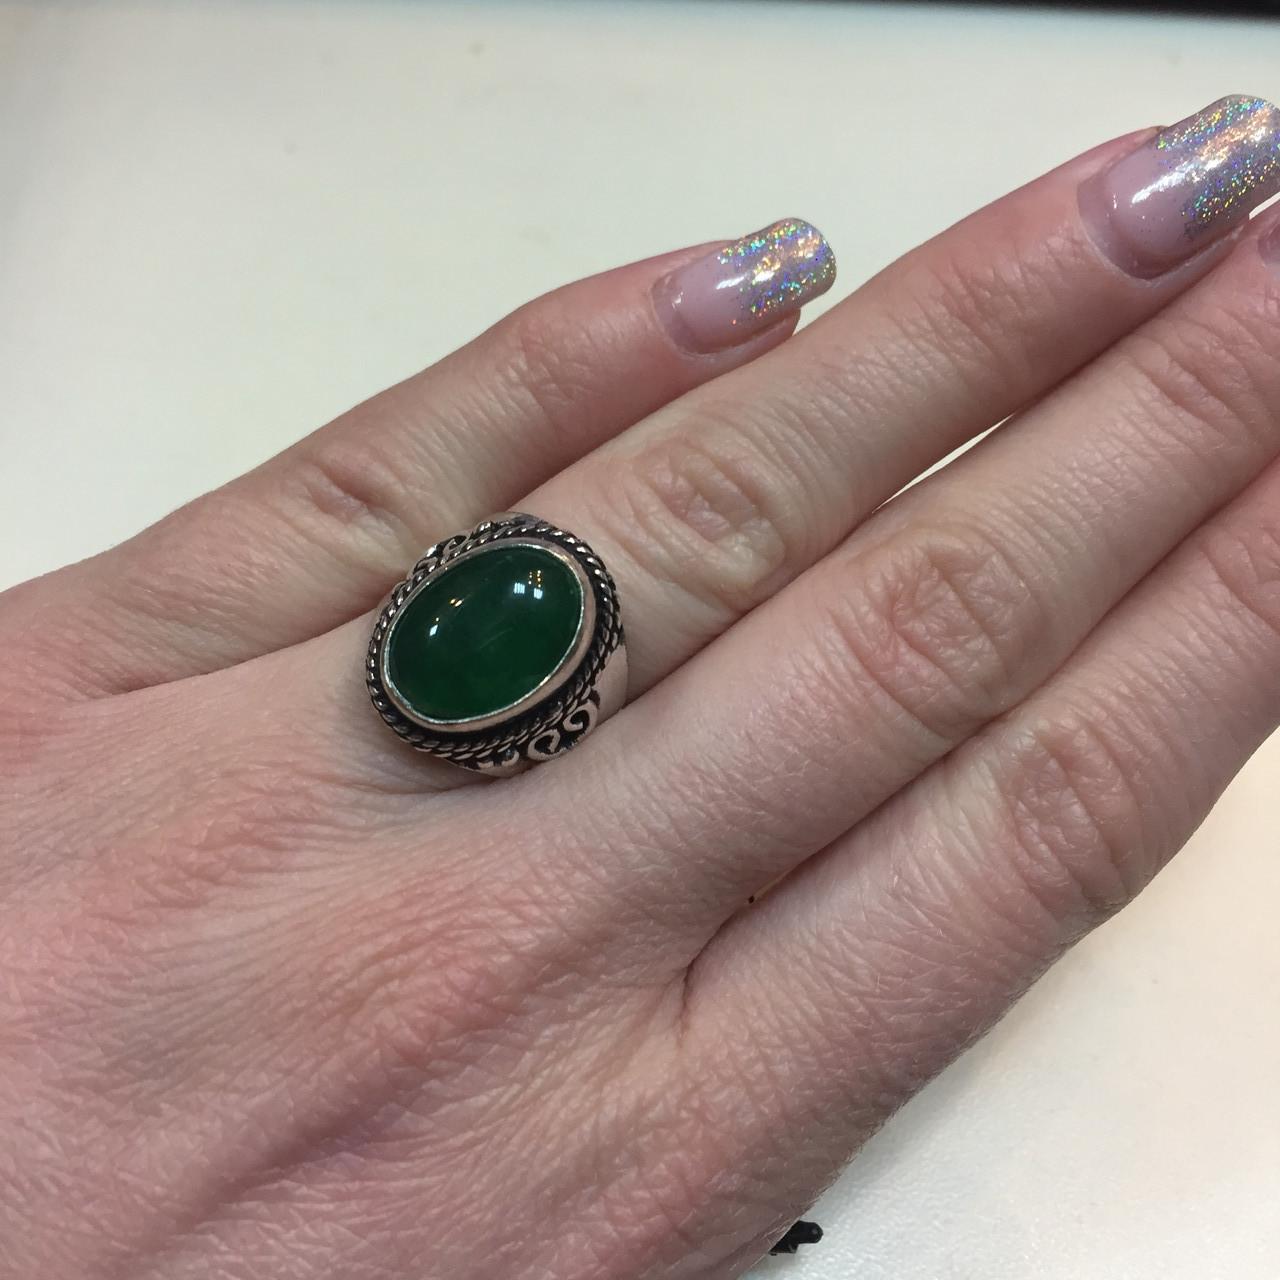 Зеленый оникс овальное кольцо с ониксом в серебре 15,5-16 размер Индия, фото 1